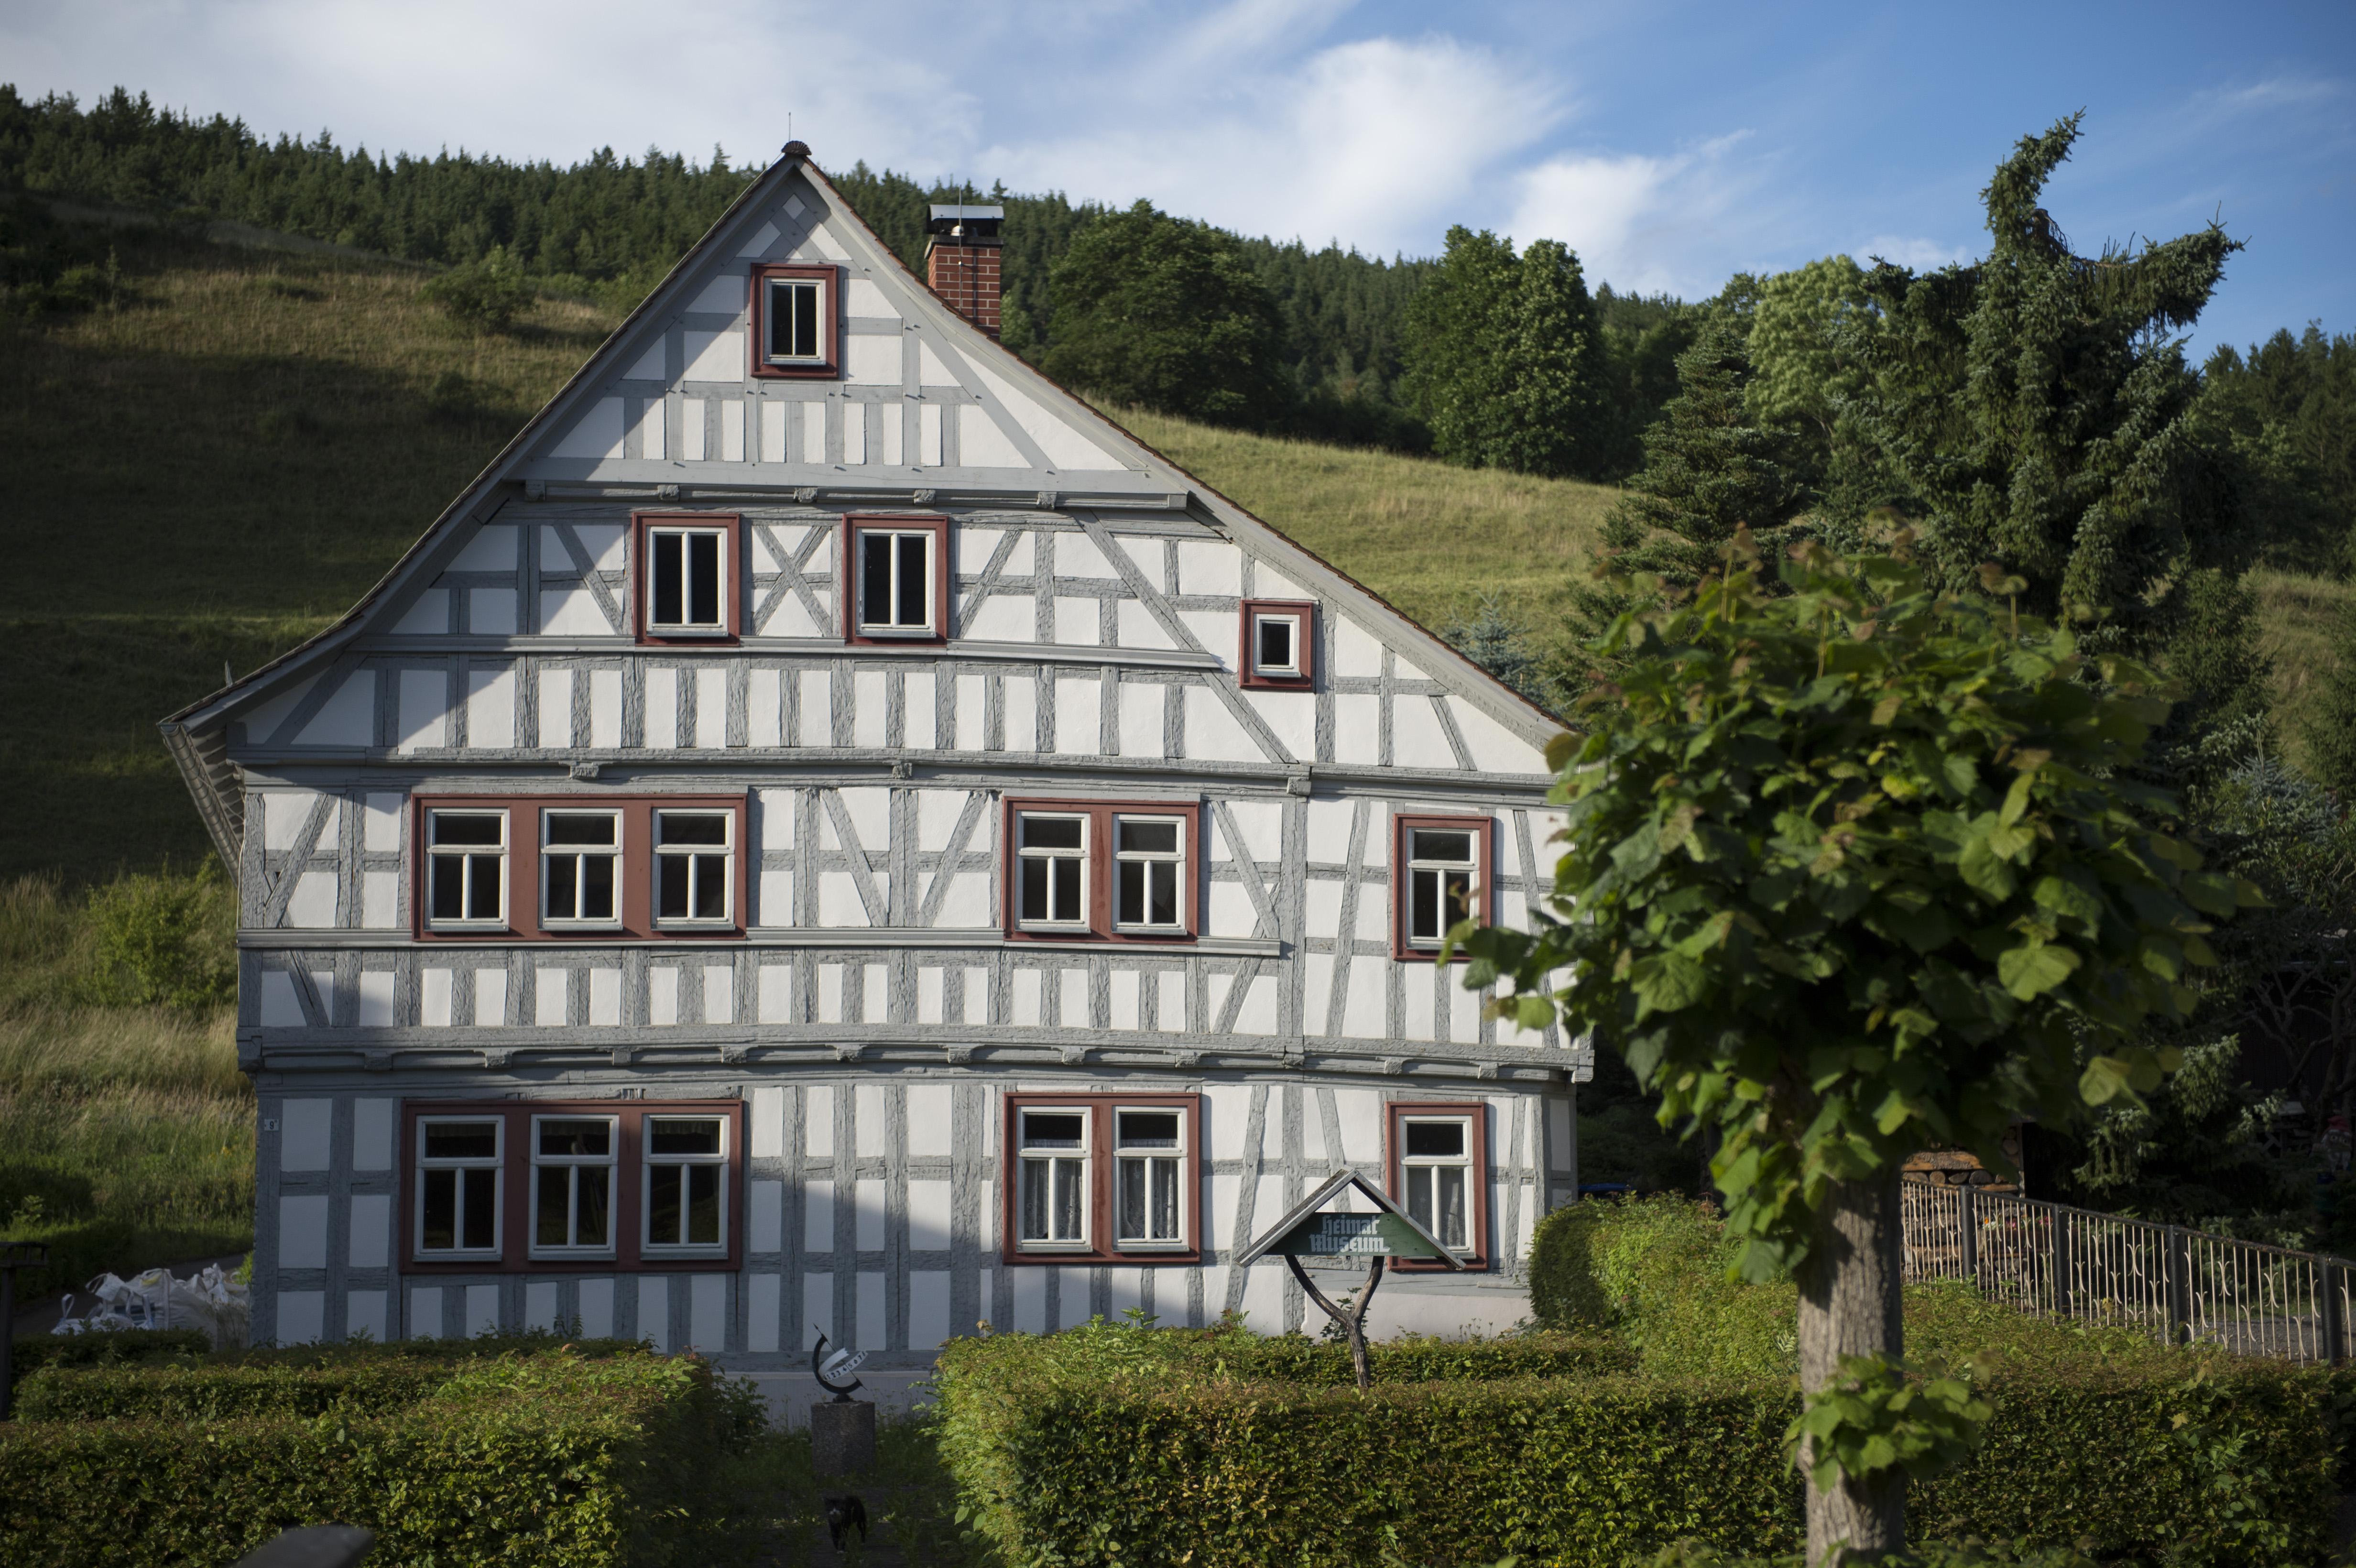 Haus Döschnitz - eine weitere Sommerfrische-Nutzung wird über LEADER unterstützt